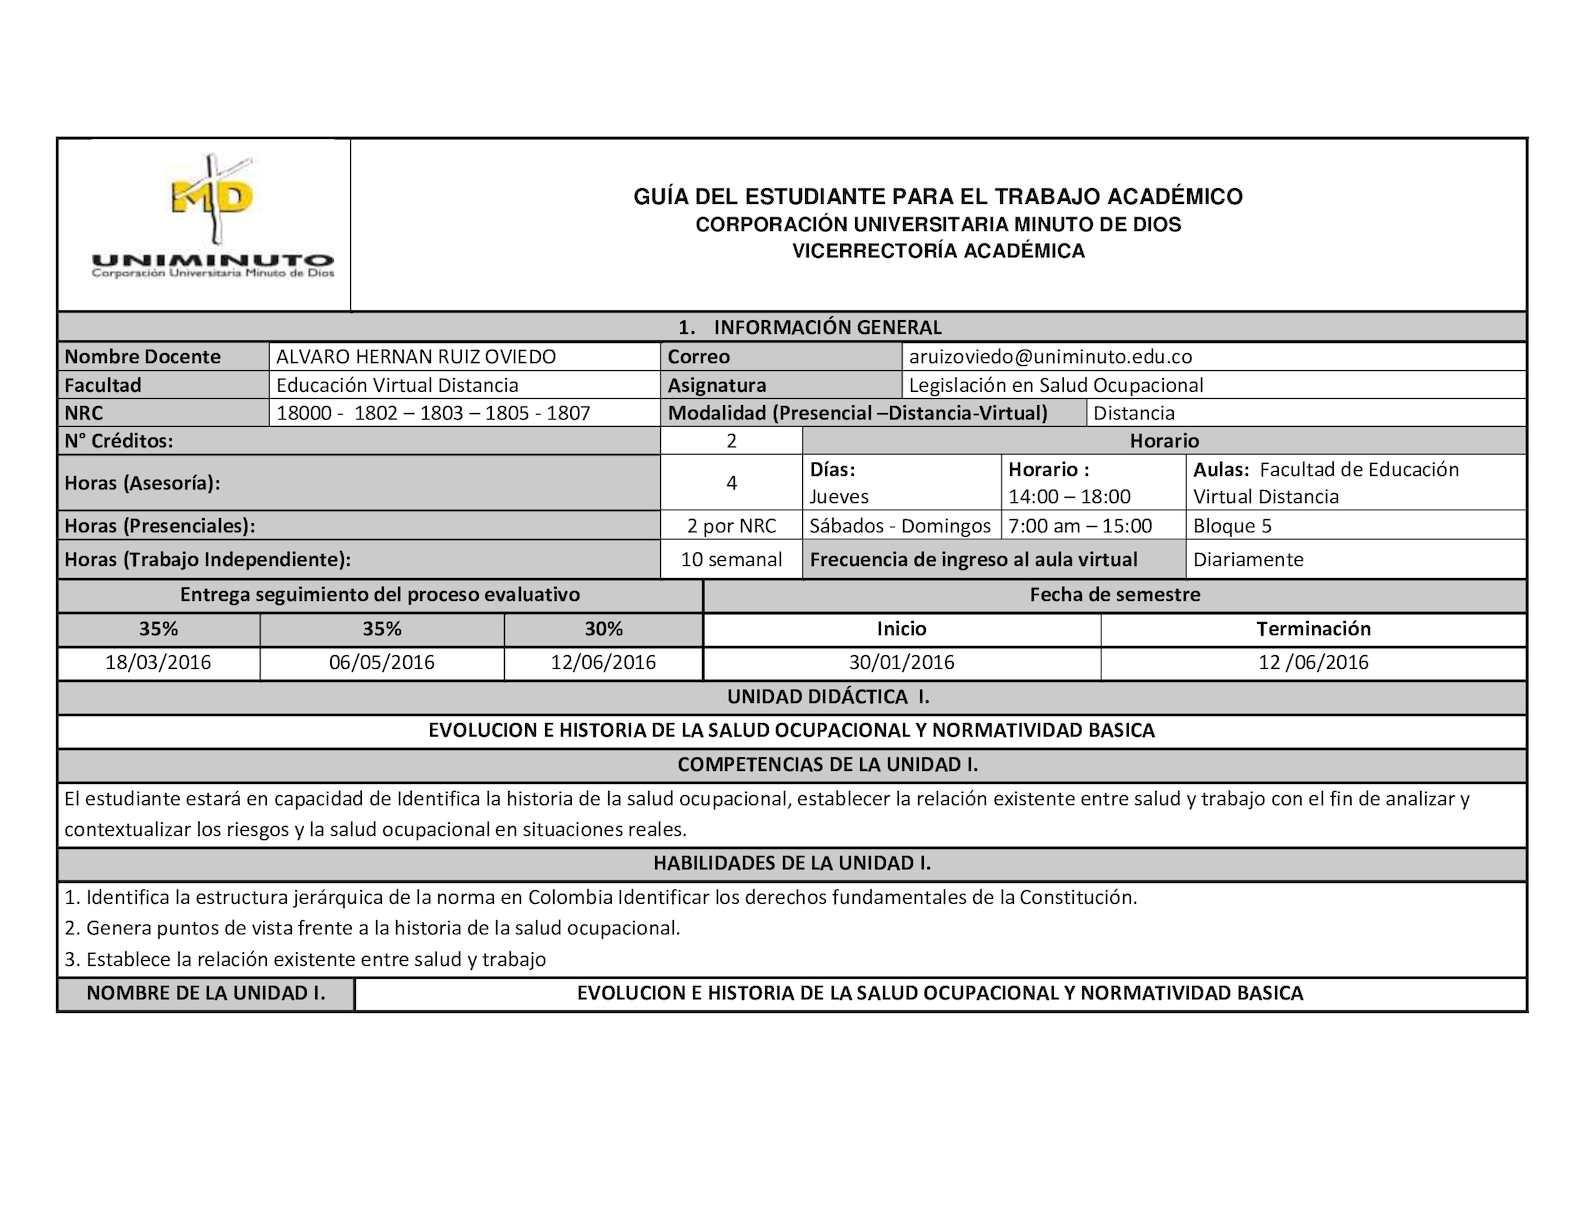 Guía Del Estudiante Legislación Salud Ocupacional